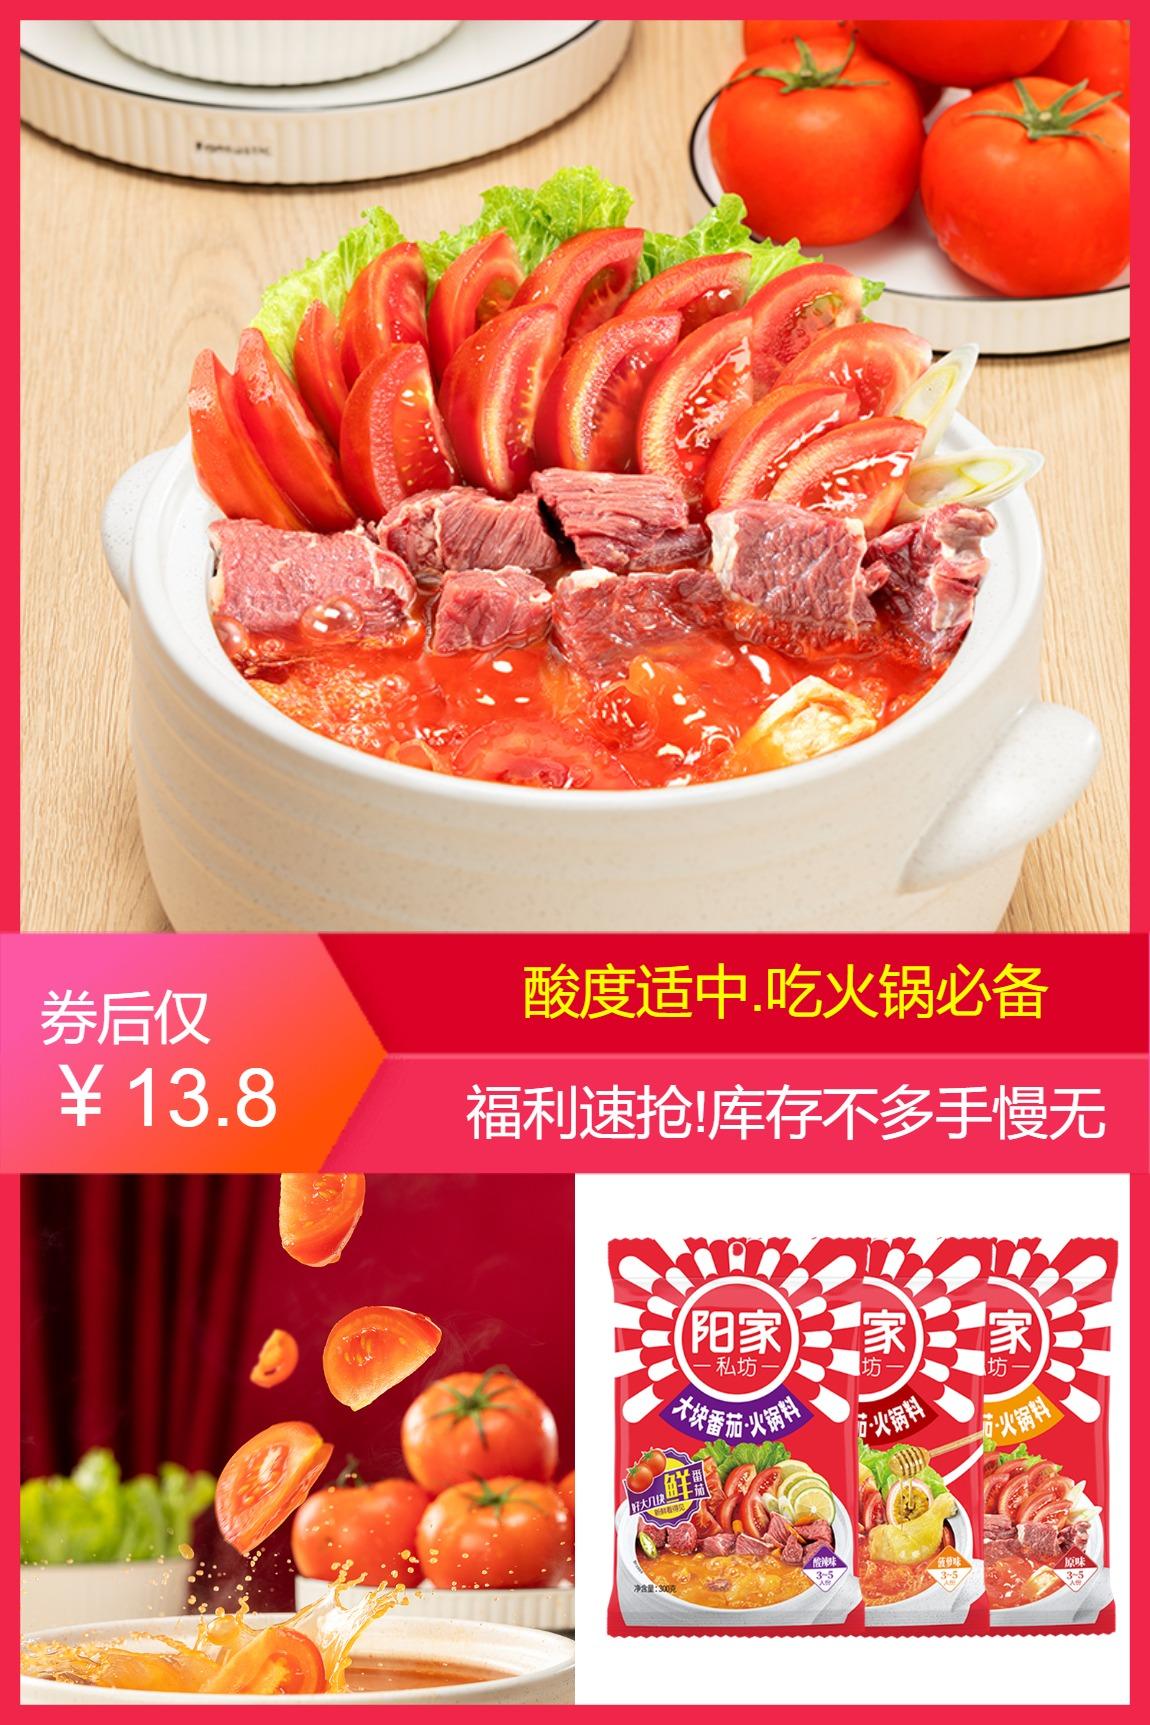 阳家私坊大块鲜番茄火锅底料300g价格/报价_券后13.8元包邮